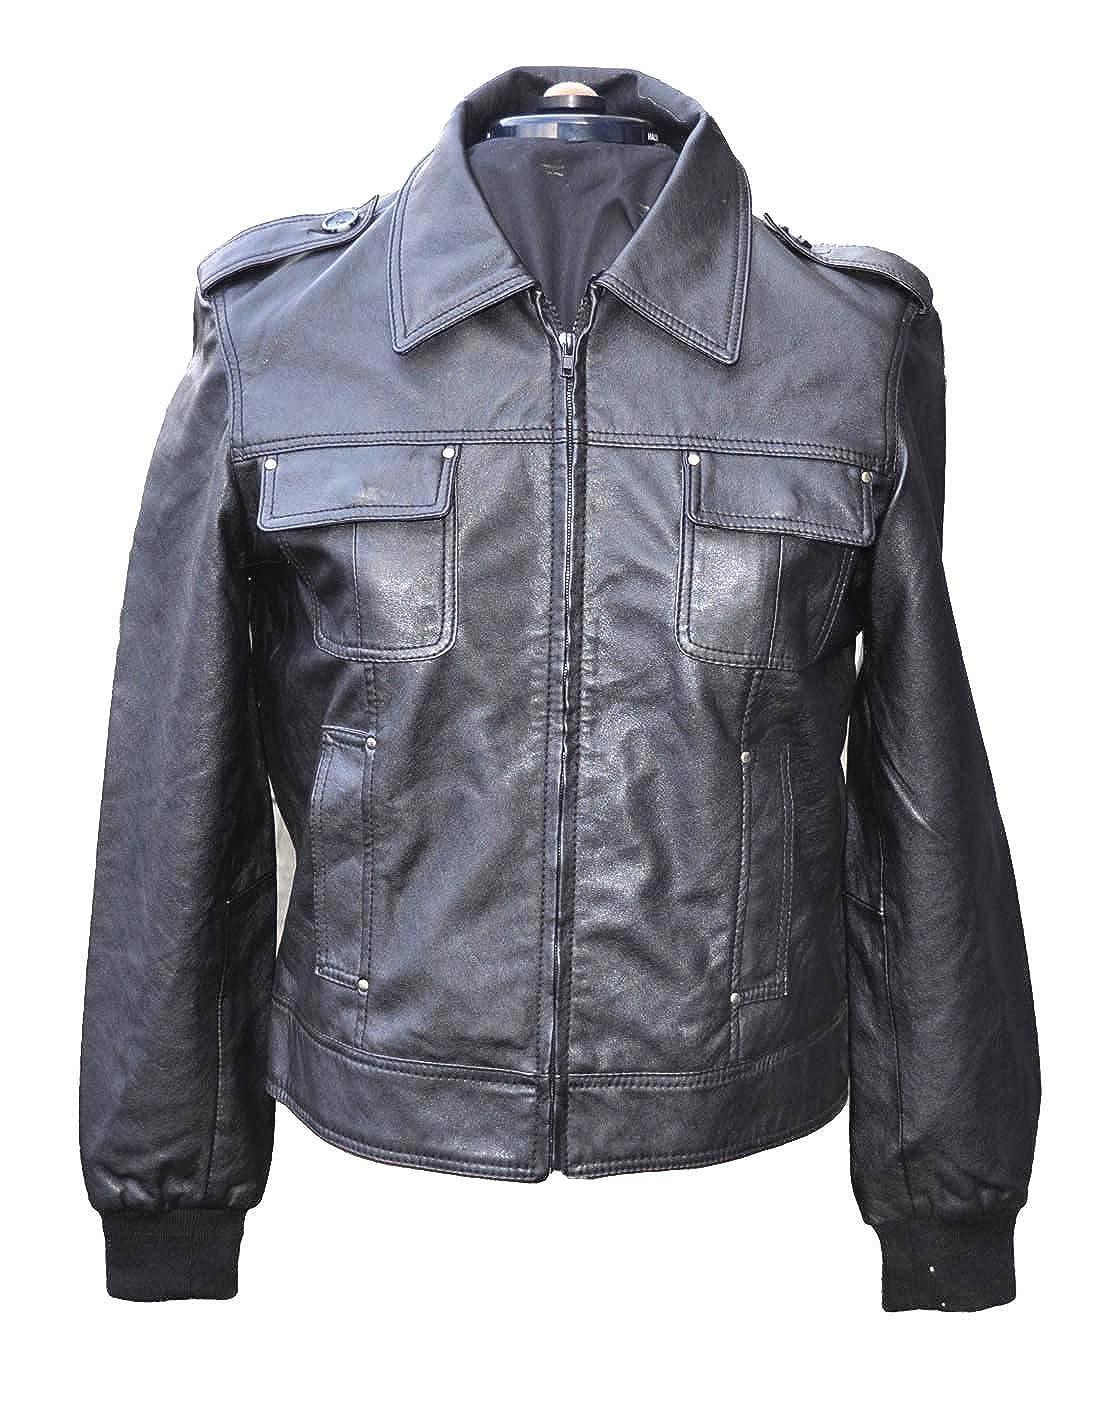 Herren Lederjacke Leder Bikerjacke Jacke extra weich Kunstleder 2L6